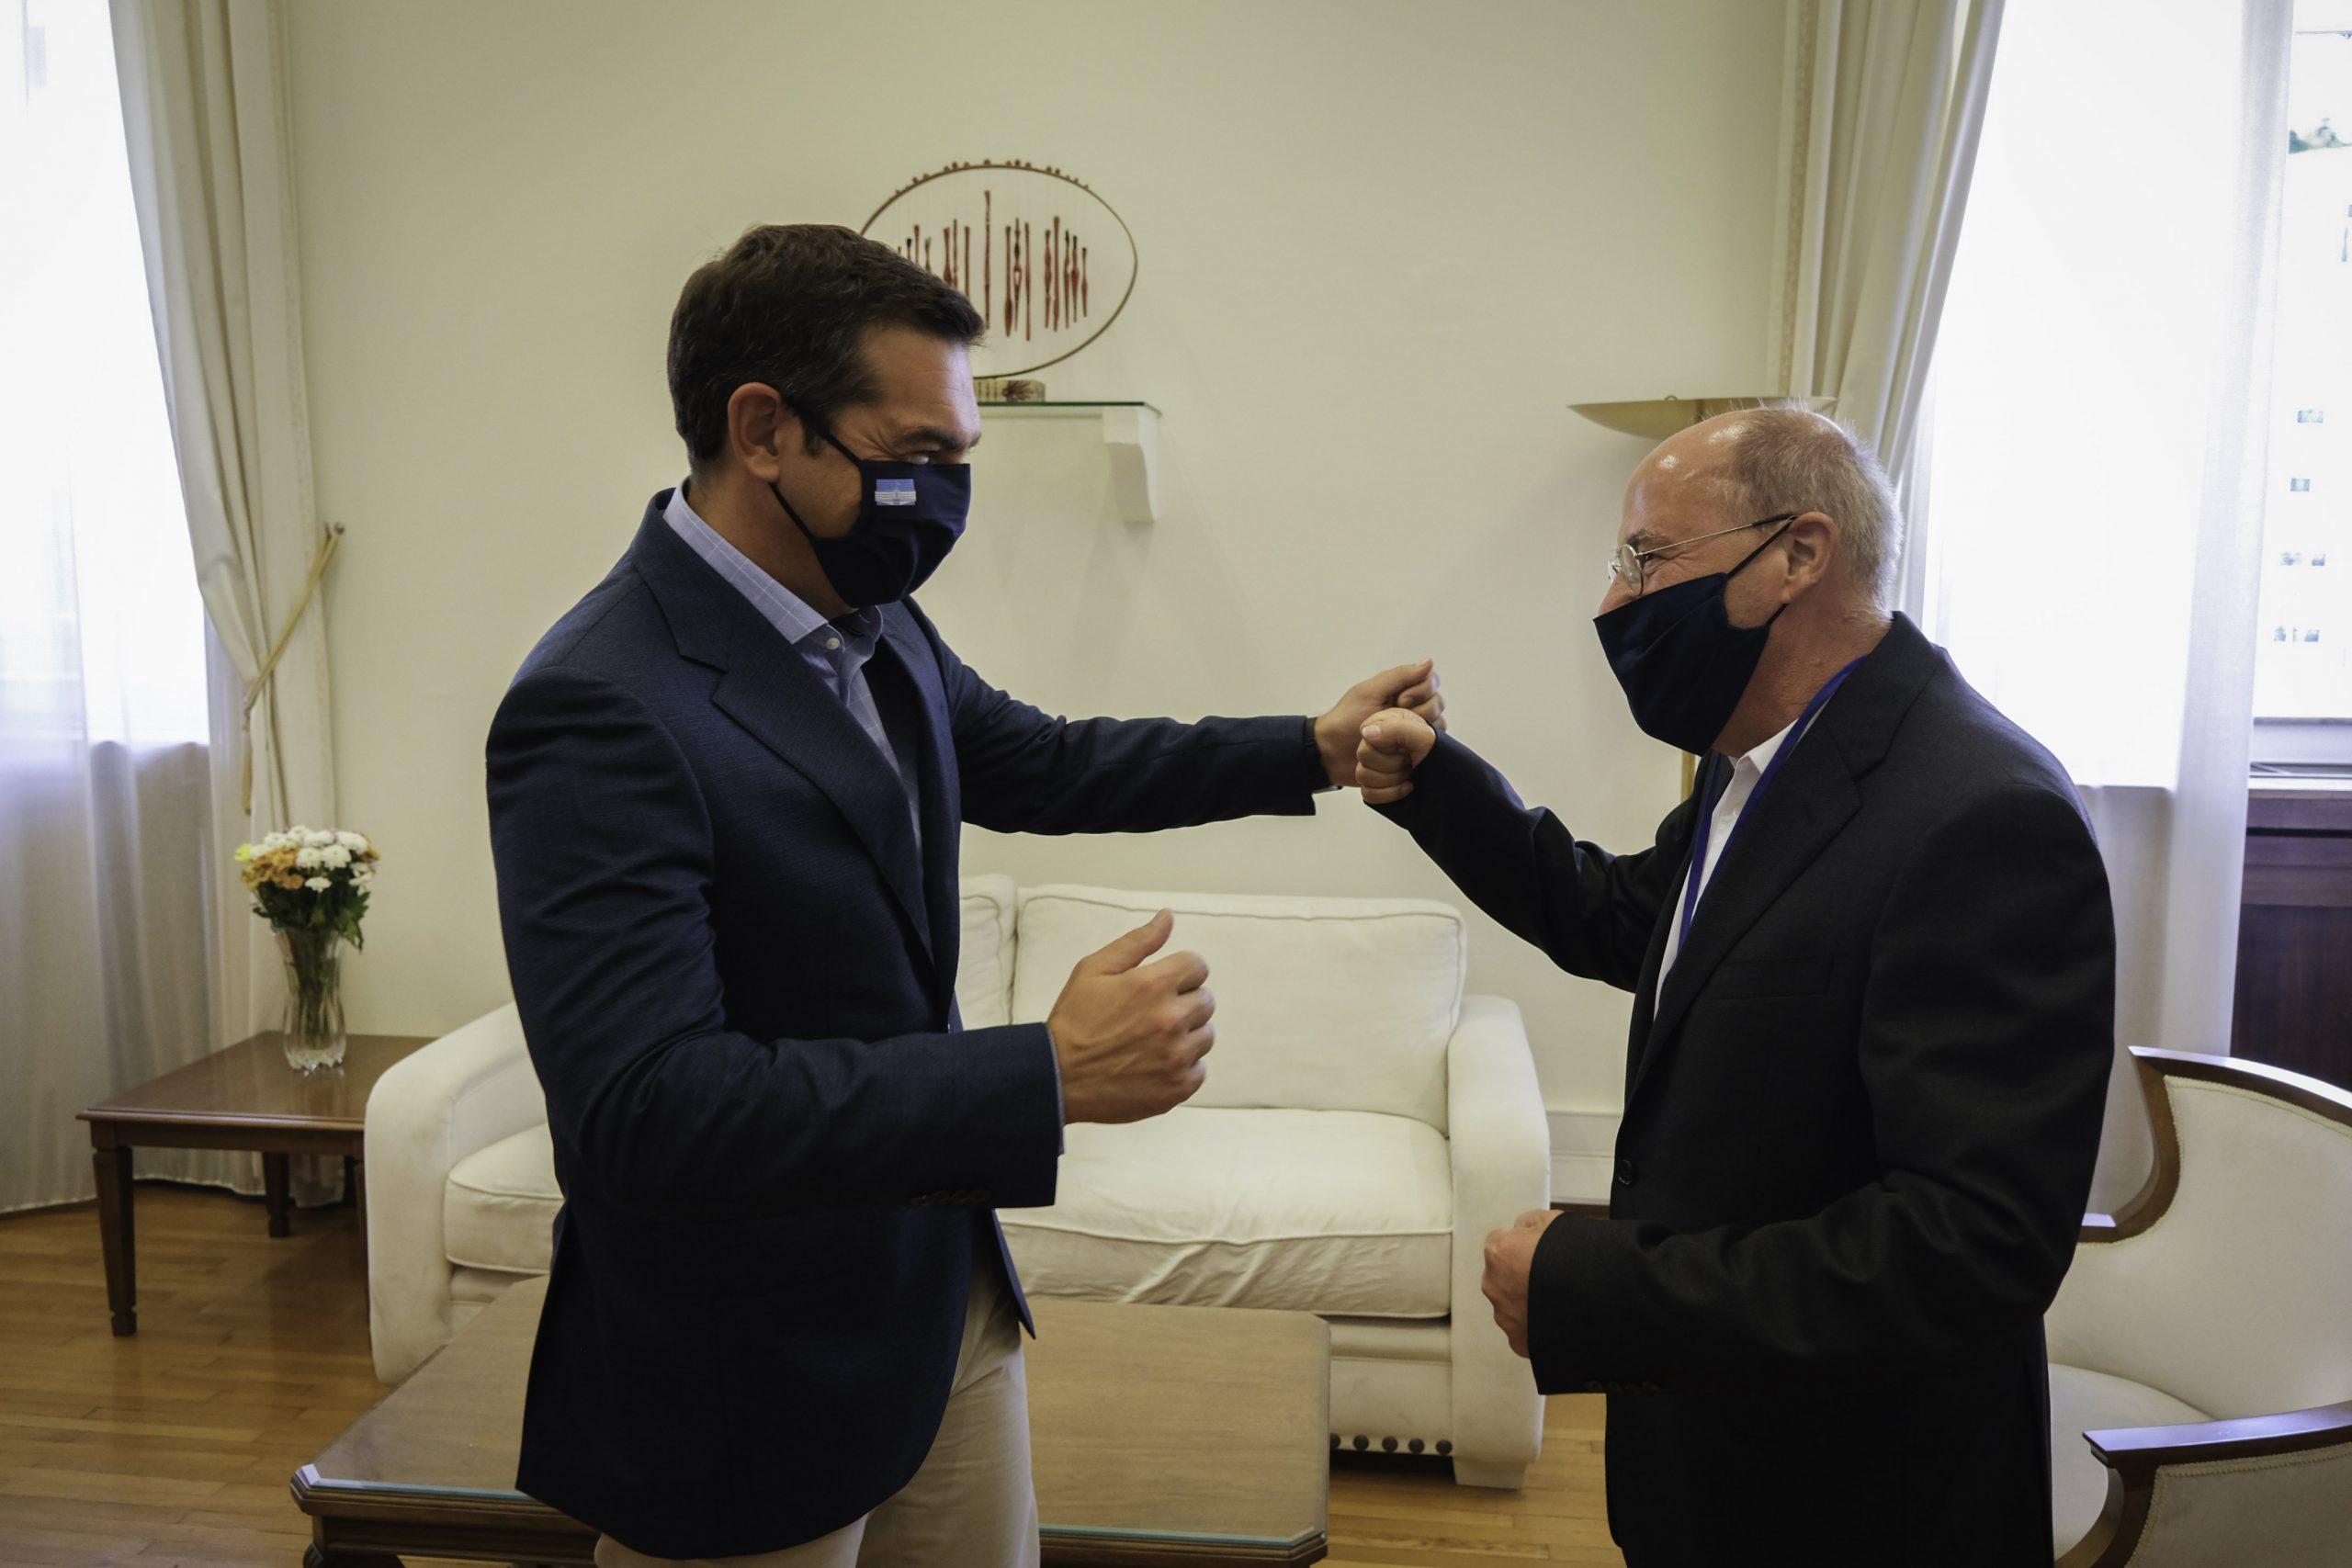 Συνάντηση του προέδρου του ΣΥΡΙΖΑ – Προοδευτική Συμμαχία Αλ. Τσίπρα με τον Gr. Gysi